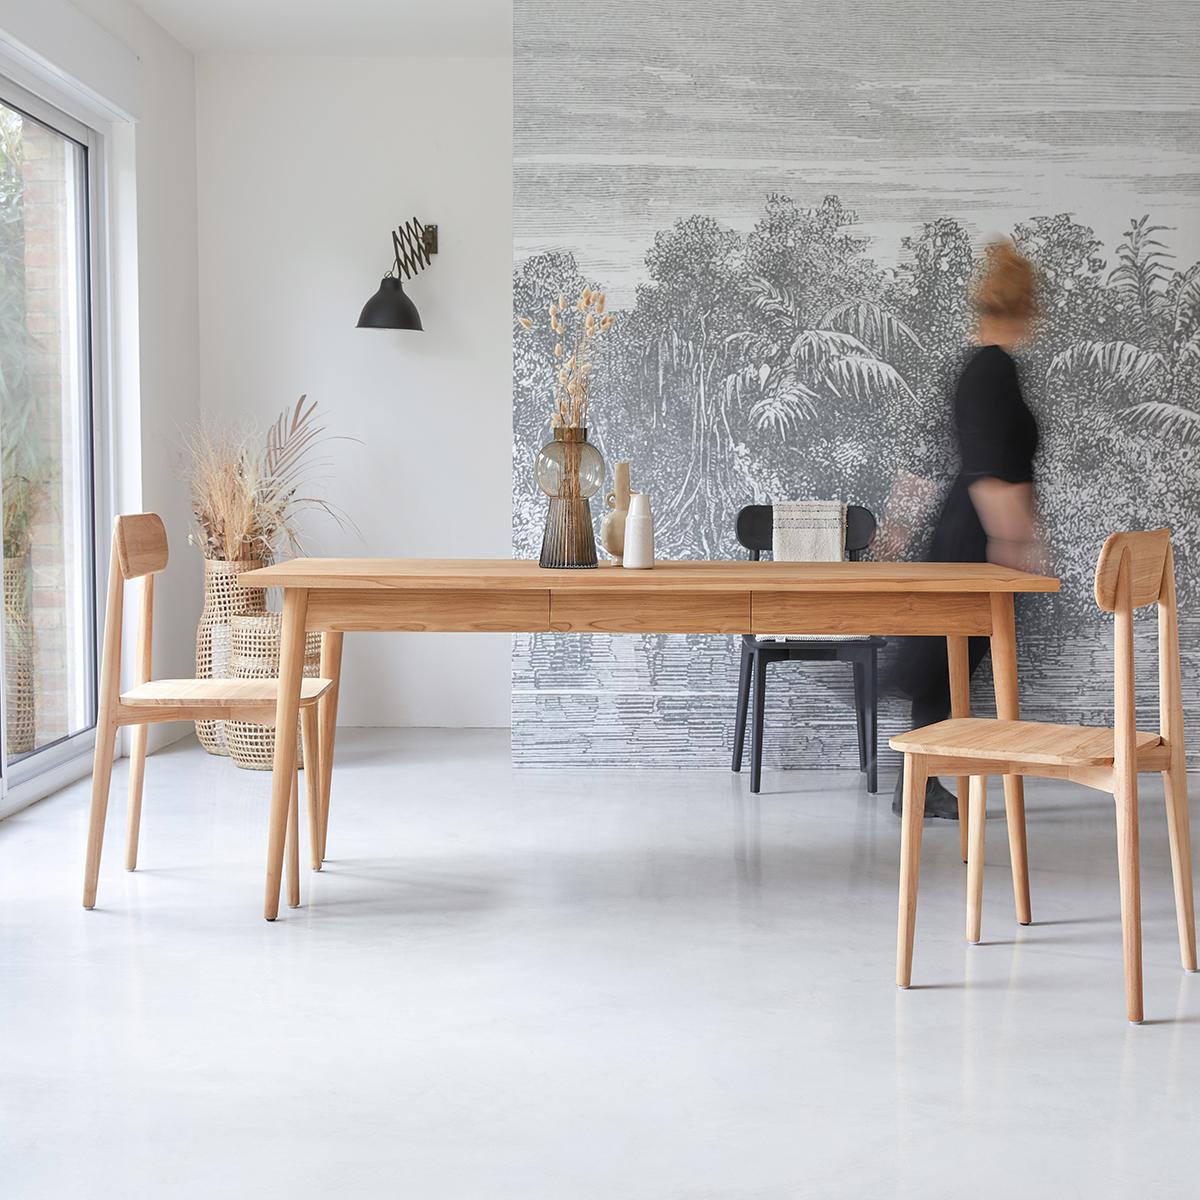 Table de salle à manger 180x80 en teck massif Jonàk